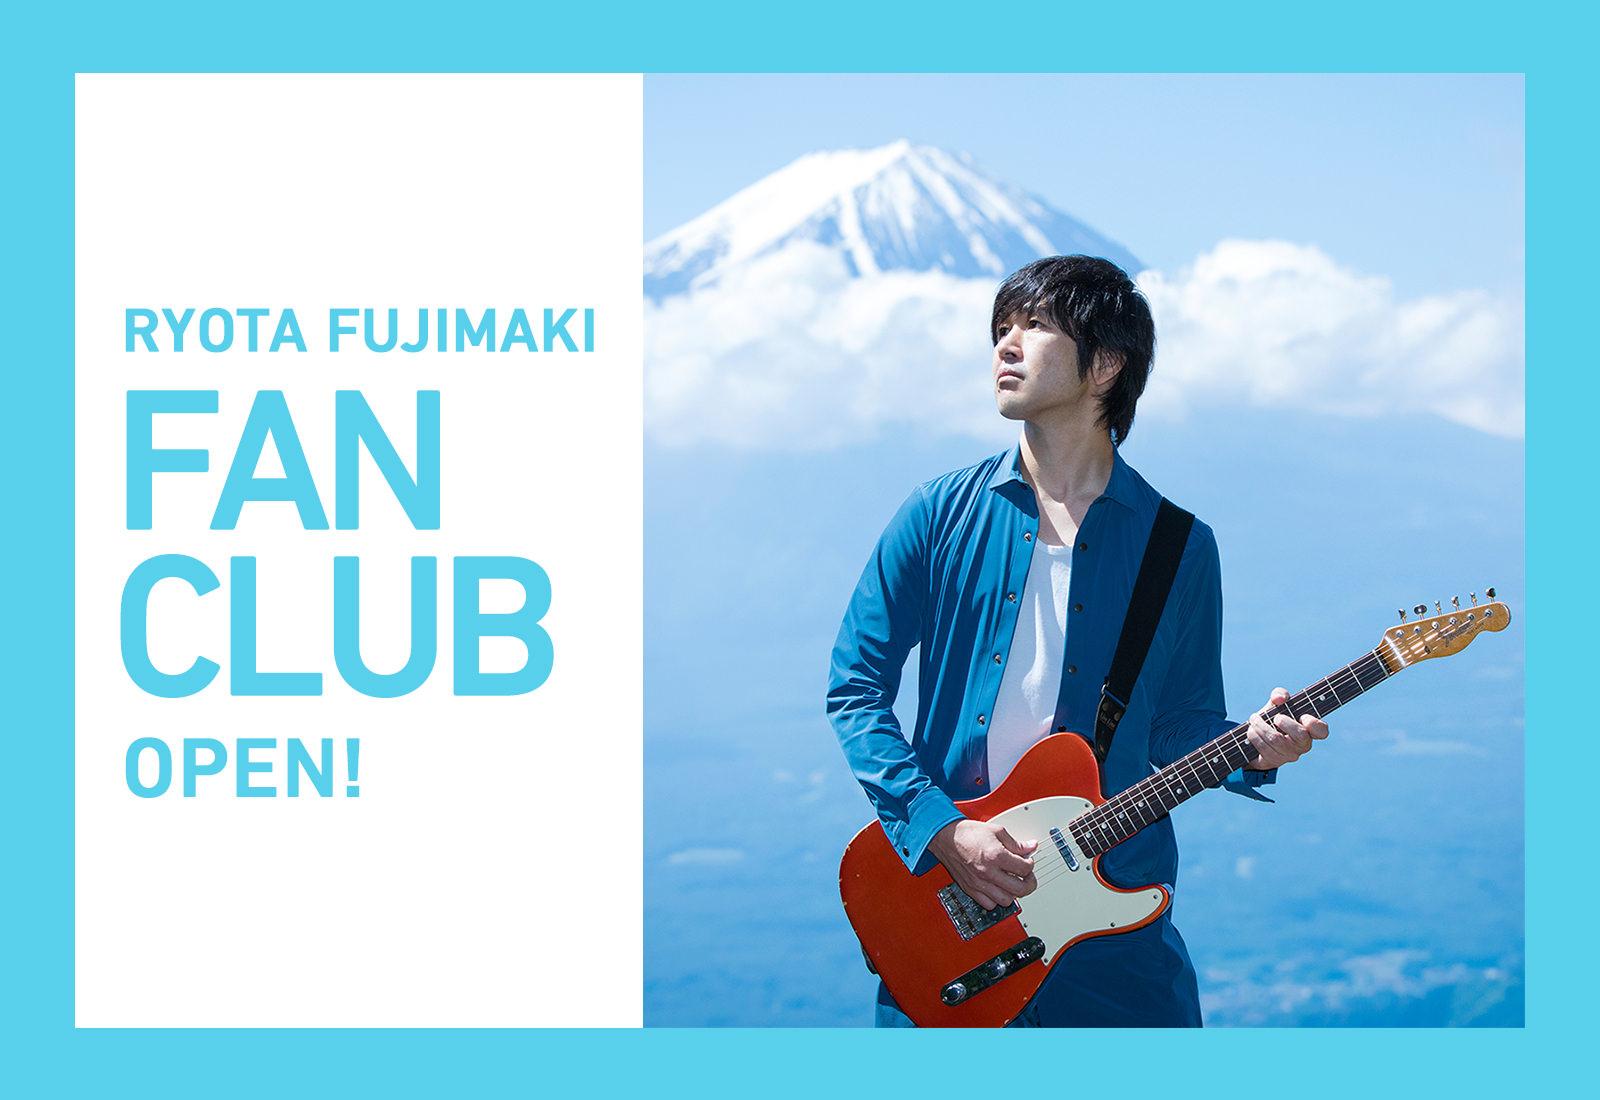 藤巻亮太ファンクラブ